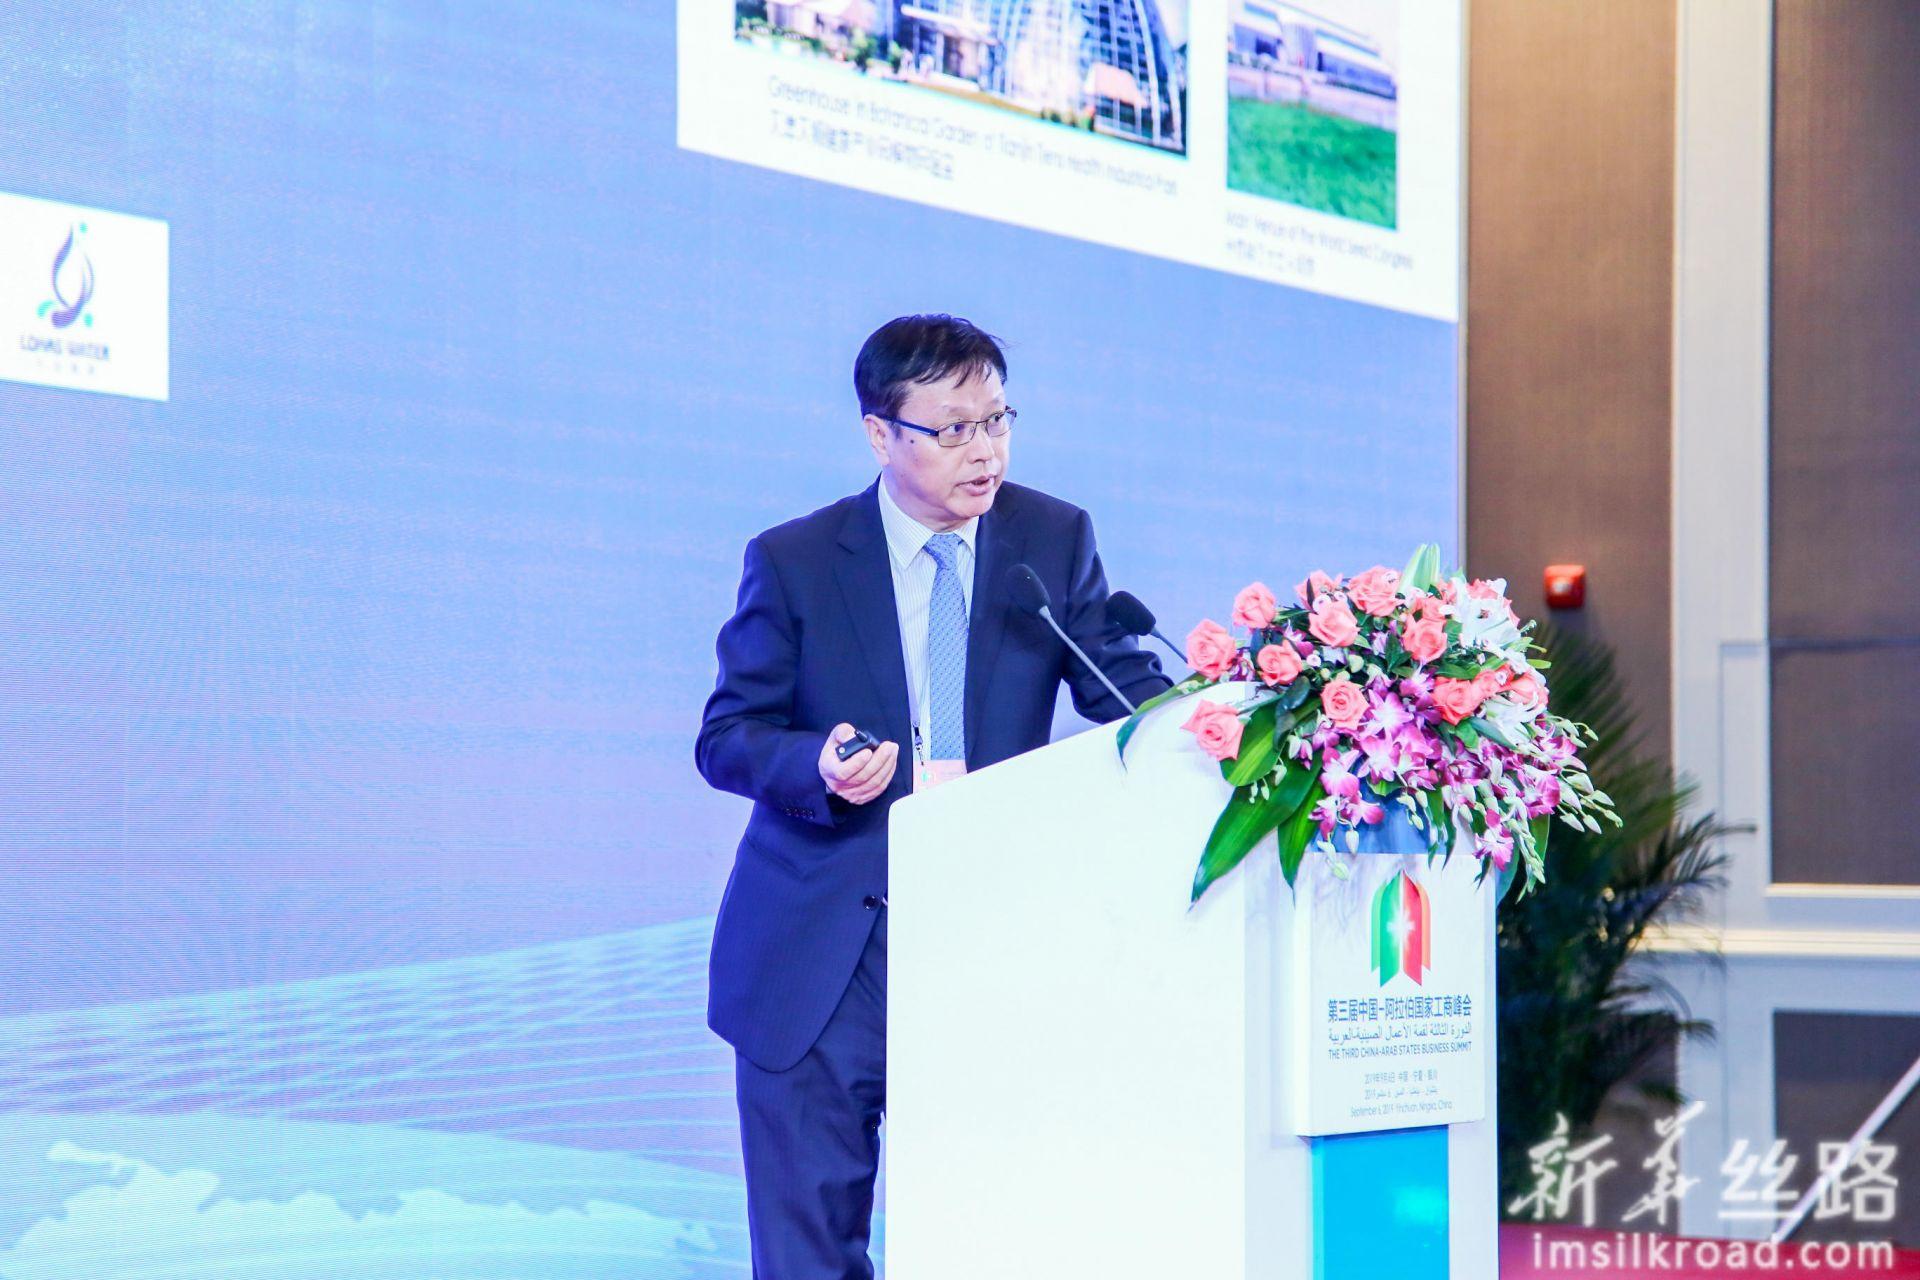 中国航天建设有限公司副总经理李乃宏发言。